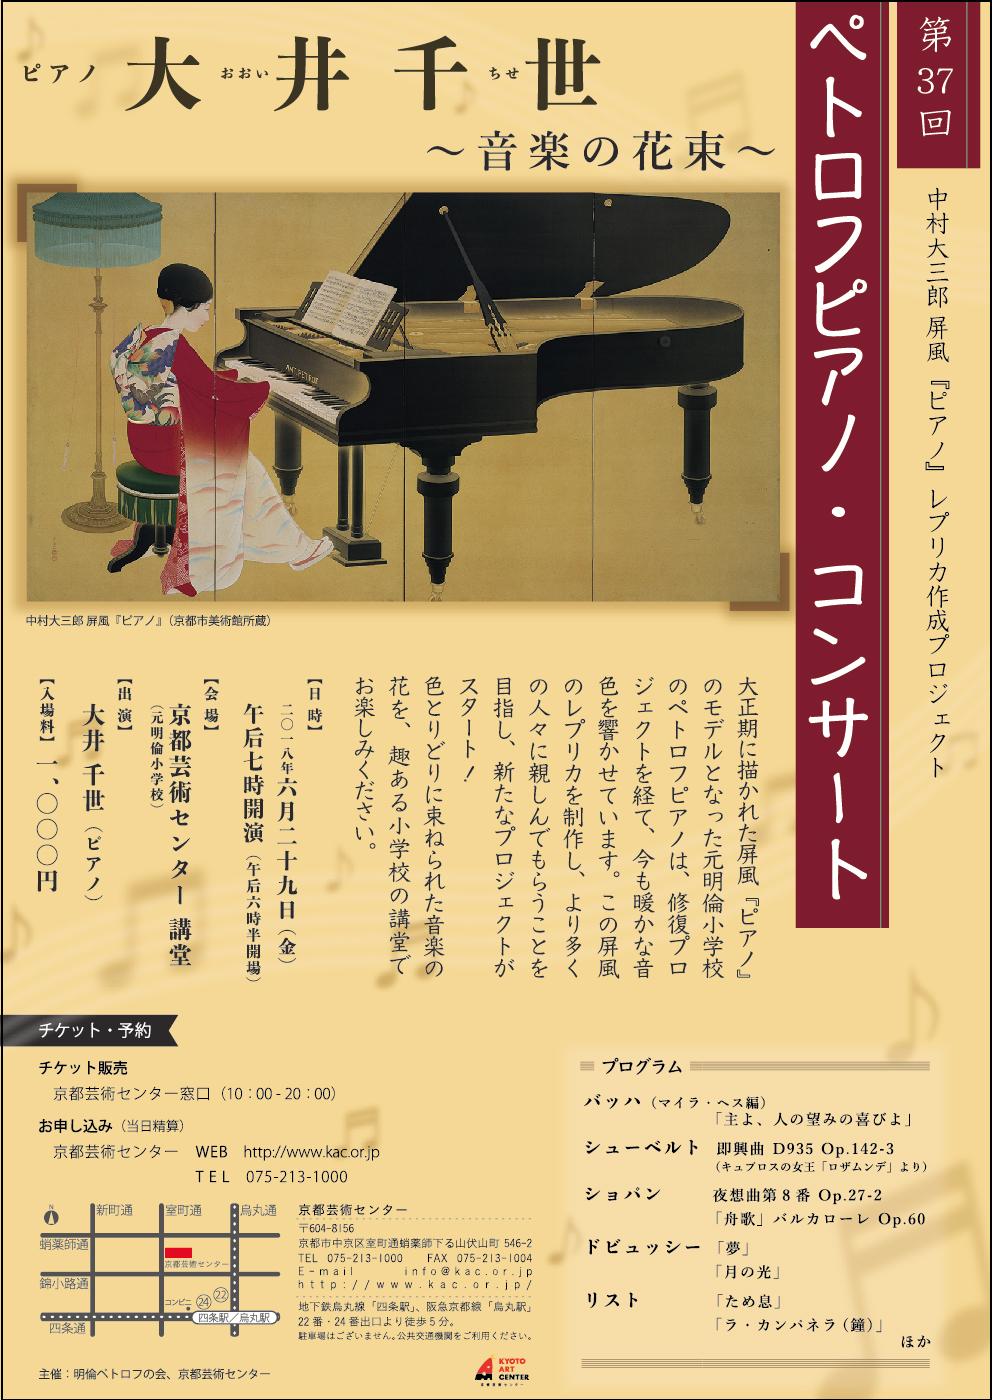 中村大三郎『ピアノ』(1926 年)は京都市美術館所蔵 絹本着色屏風 四曲一隻